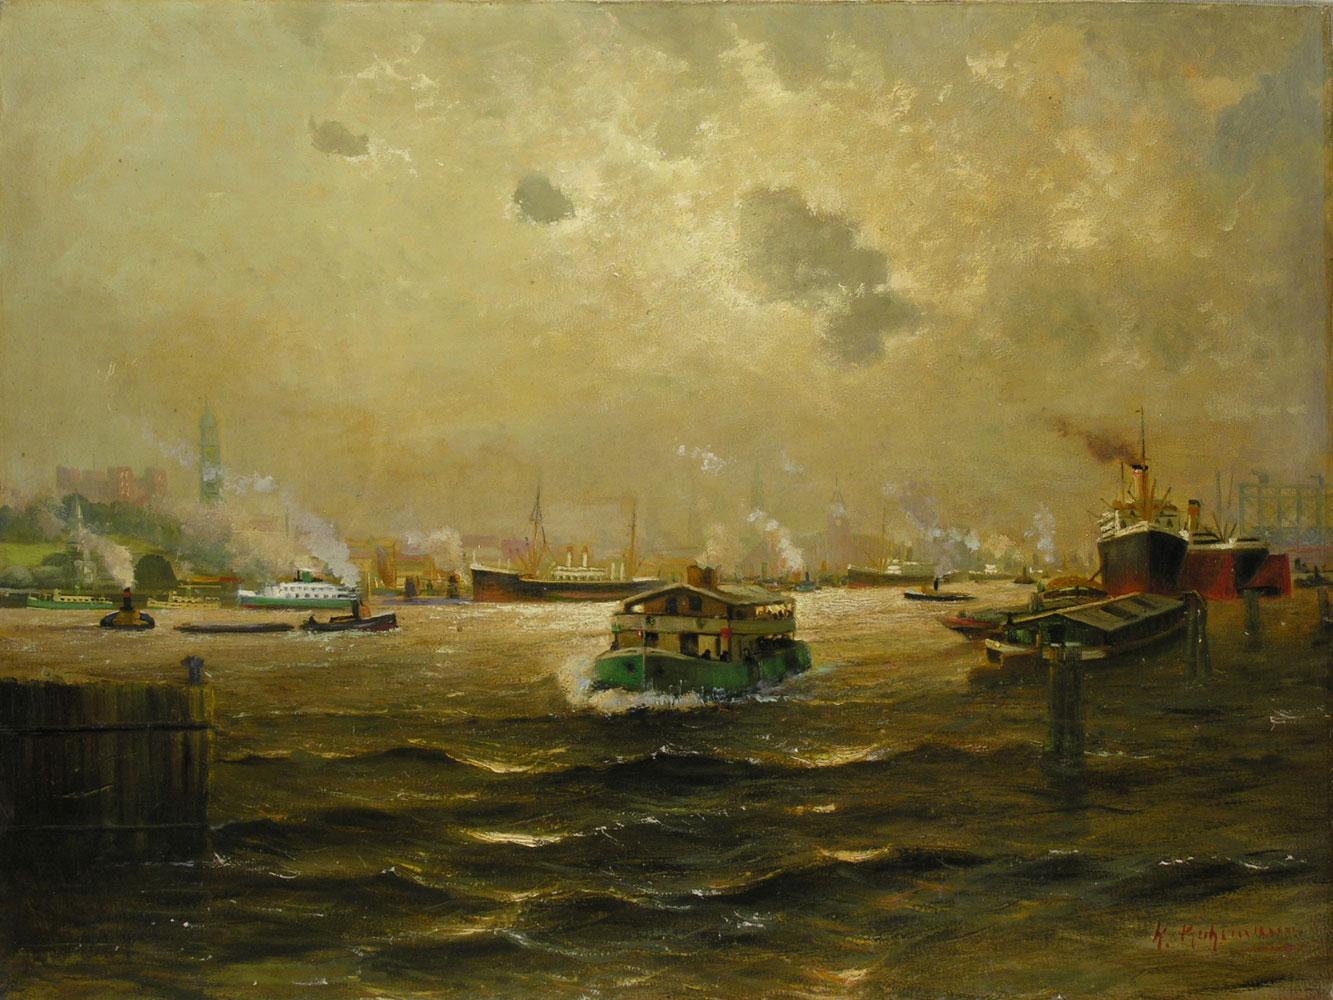 H. Kuhlmann Hamburger Maler des 19./20. Jahrhunderts